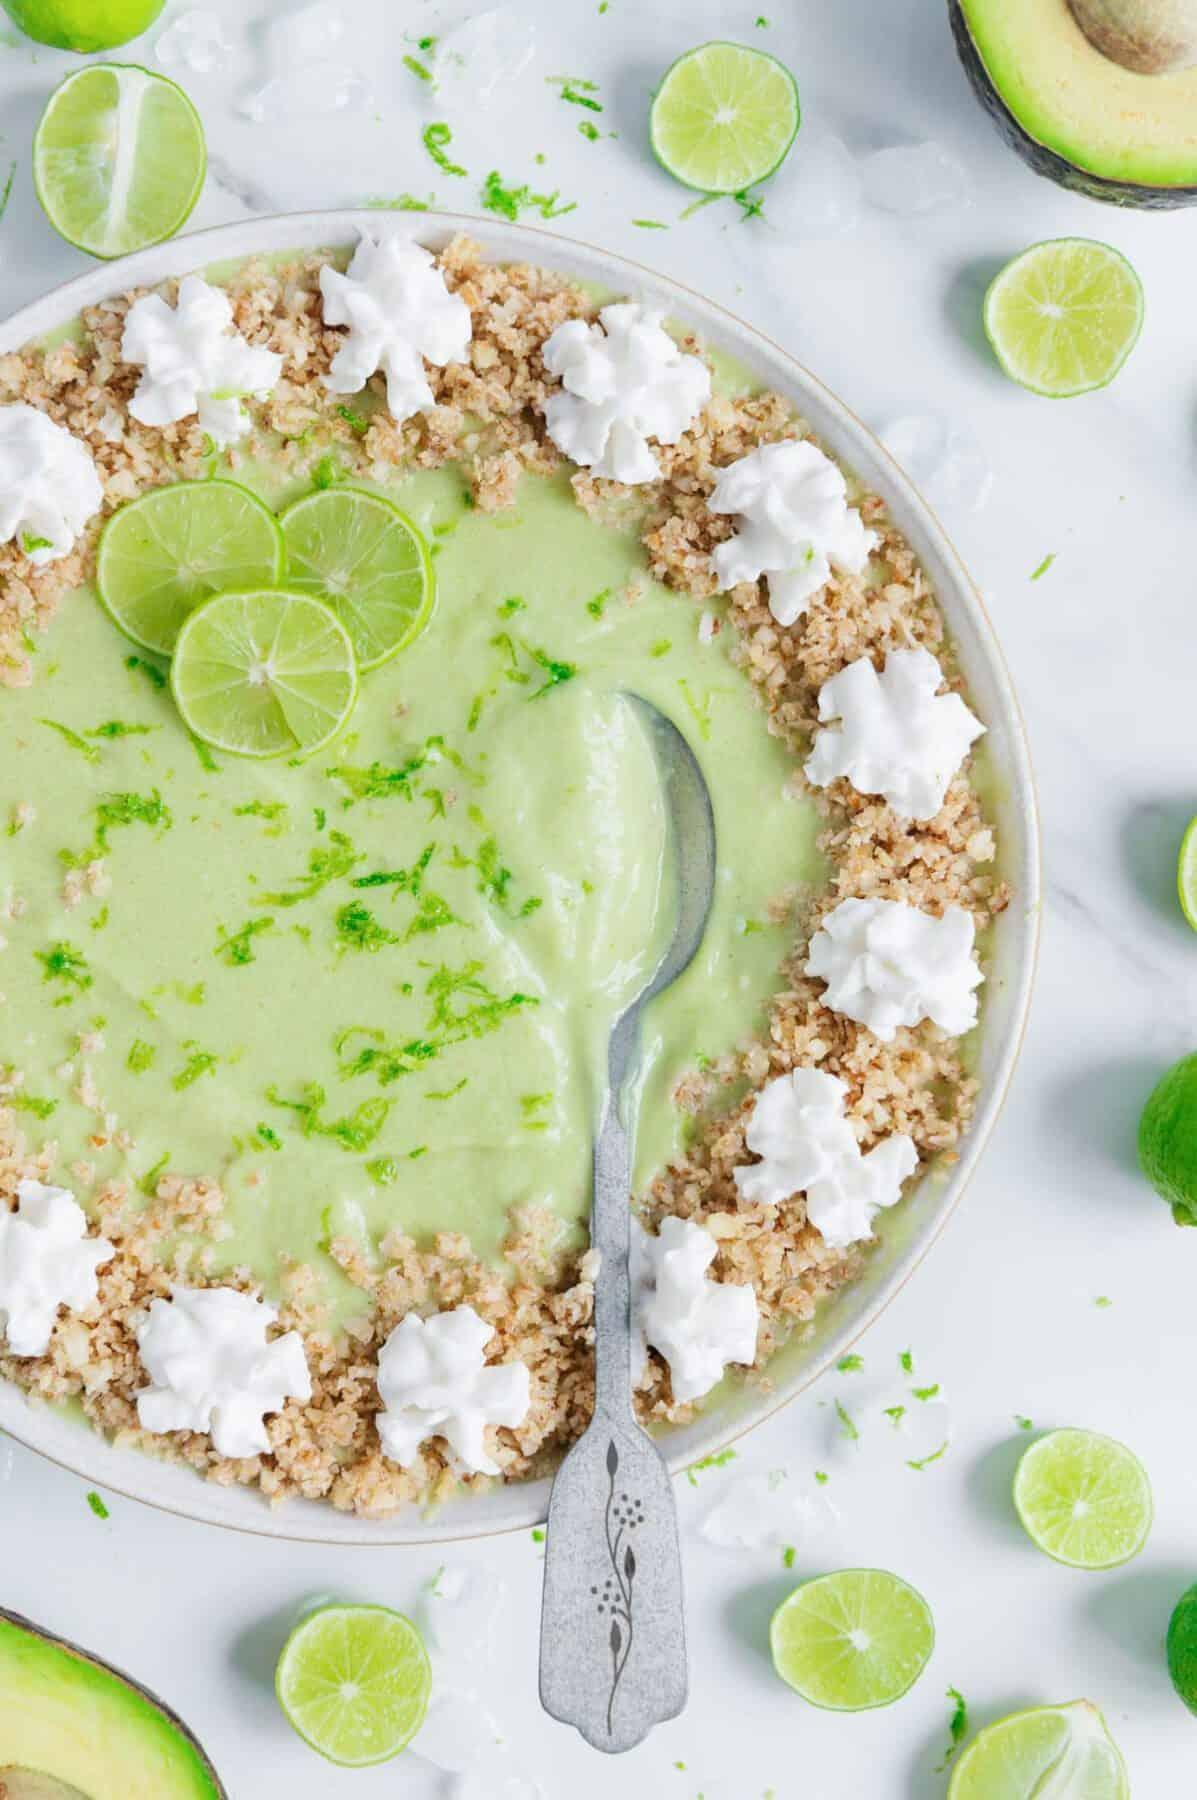 Vegan Key Lime Pie Smoothie